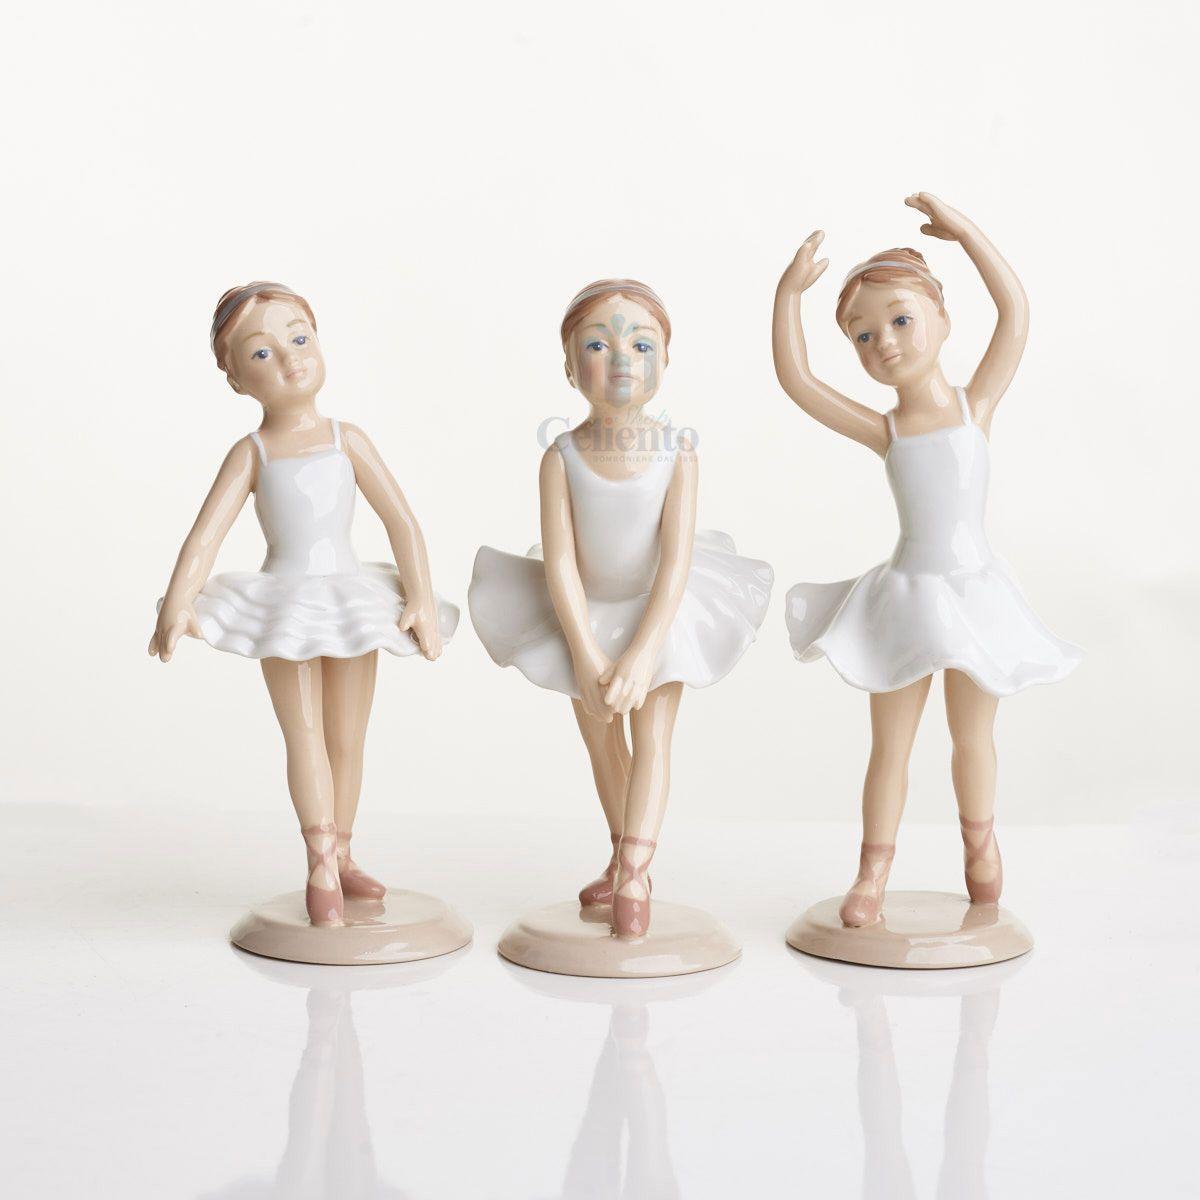 Ballerina in porcellana colore bianco. 3 posizioni assortite